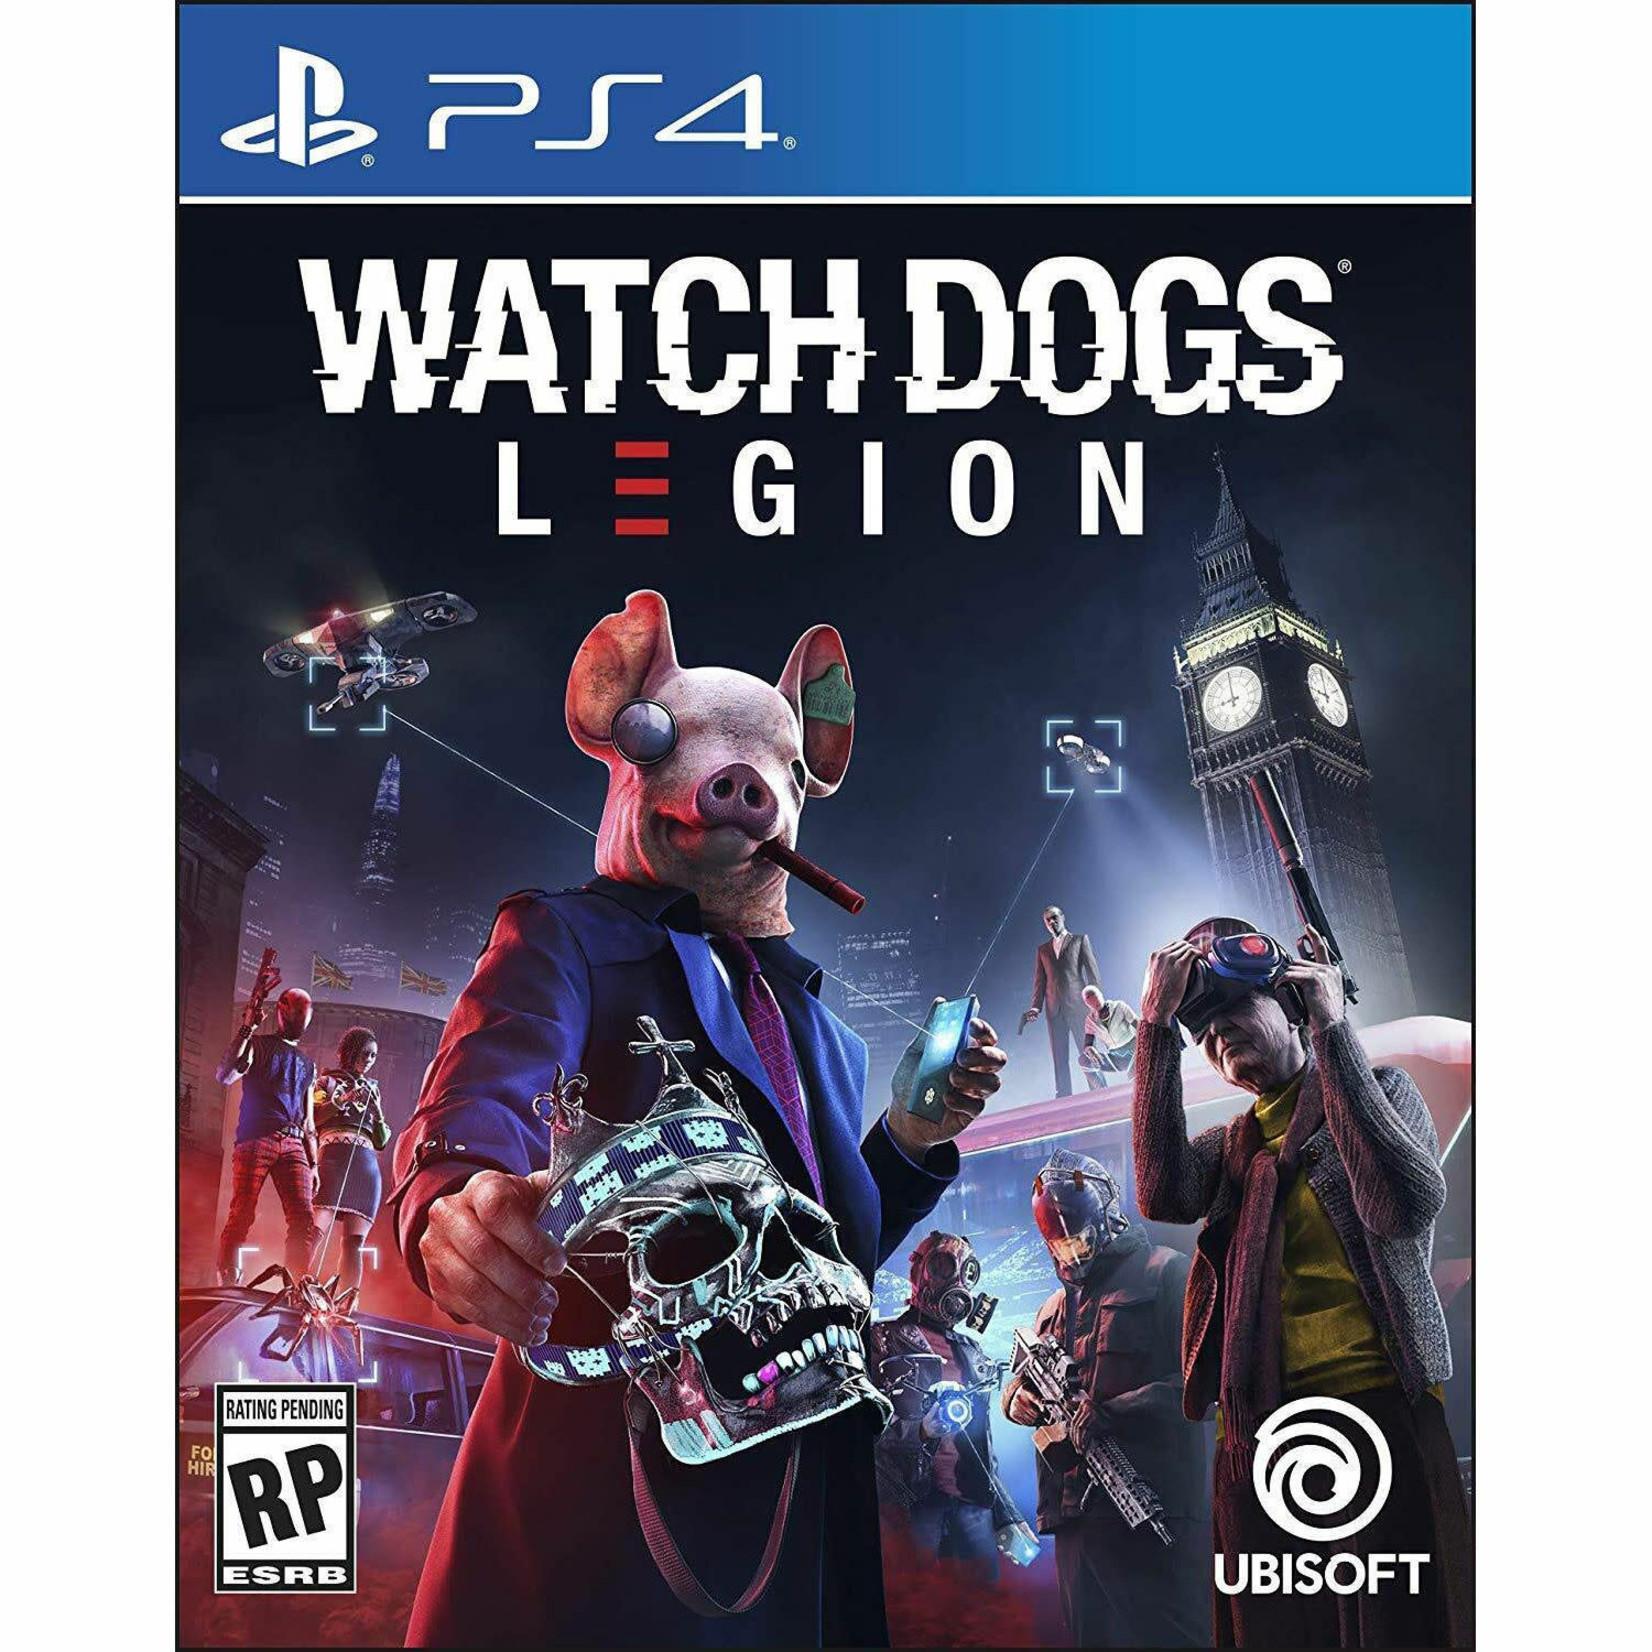 PS4-Watch Dogs: Legion